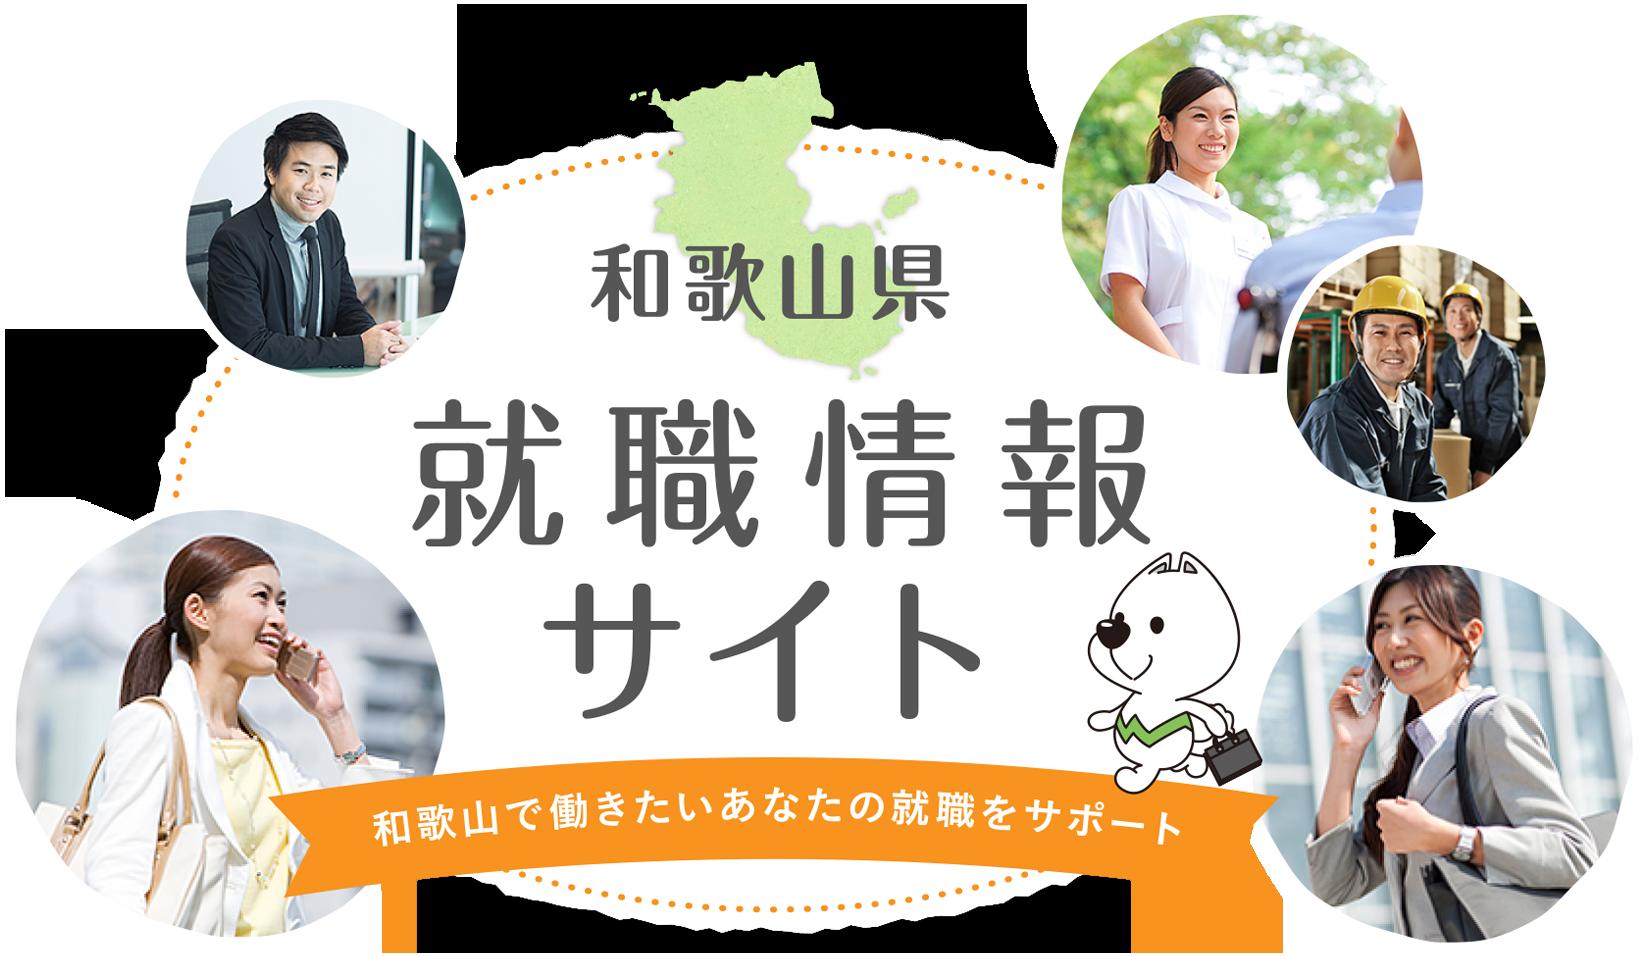 UIわかやま就職ガイド  -  和歌山県内の就職情報を発信中! 和歌山で働きたい皆様の就職をサポートするサイトです。